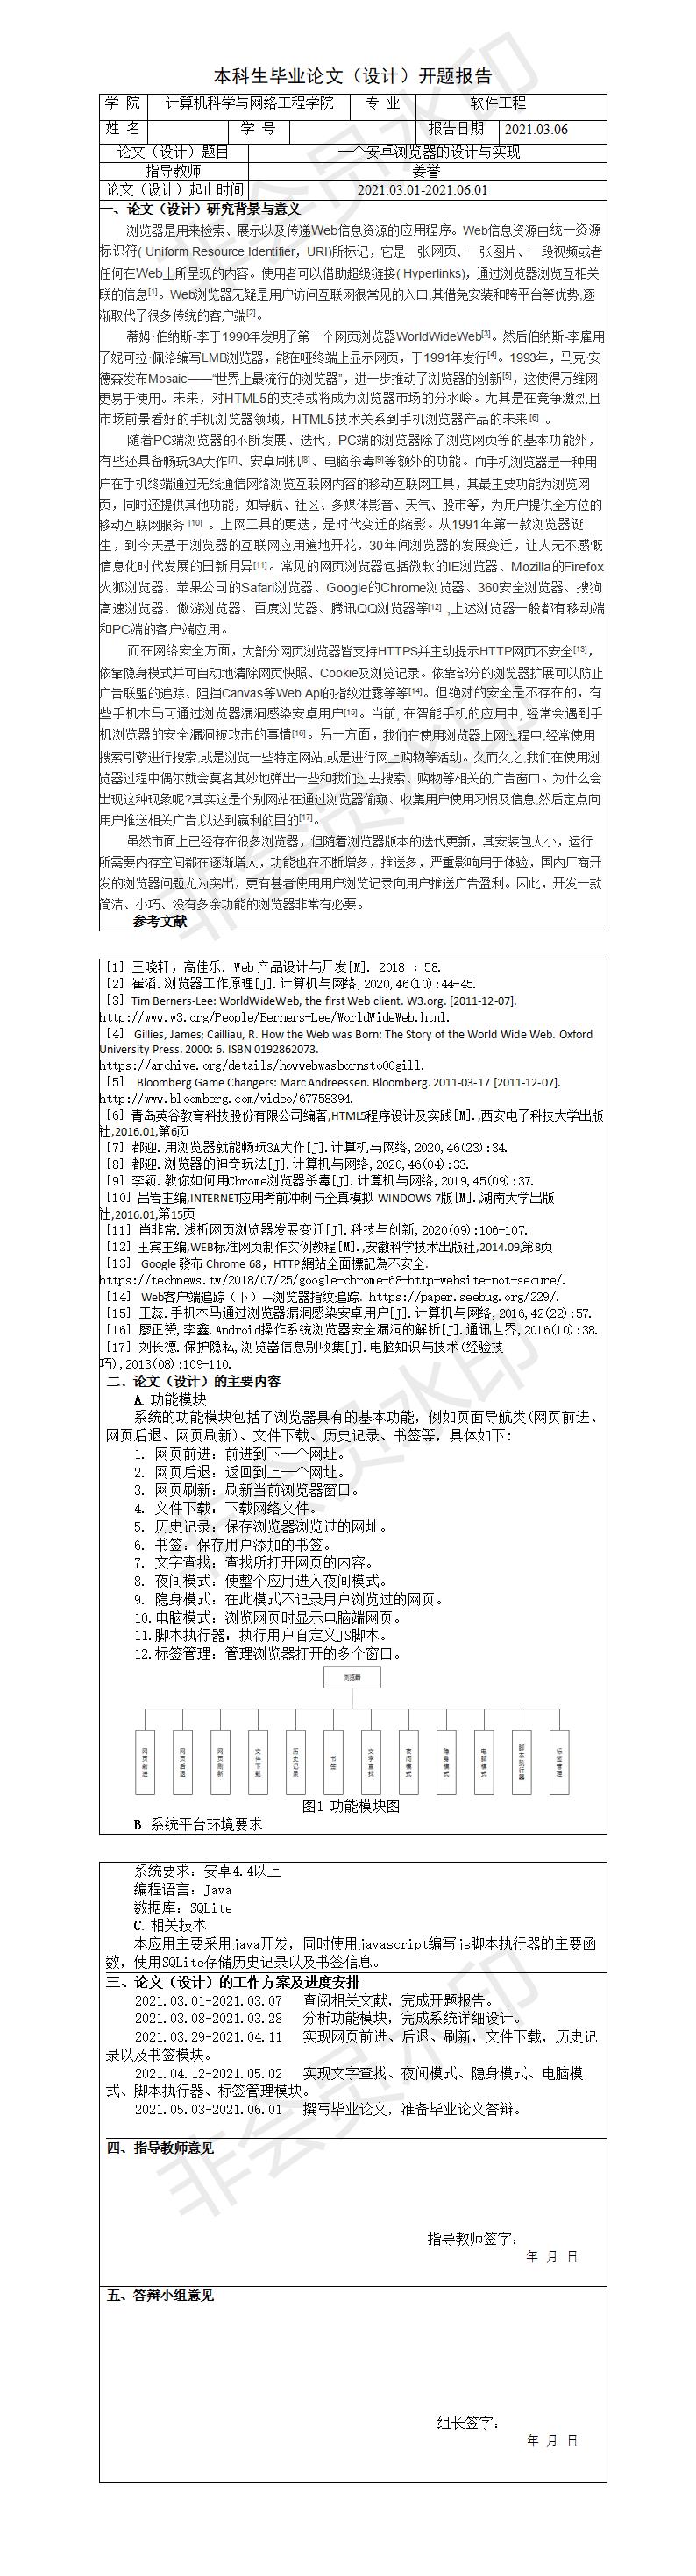 2021广州大学计算机学院毕业设计开题报告